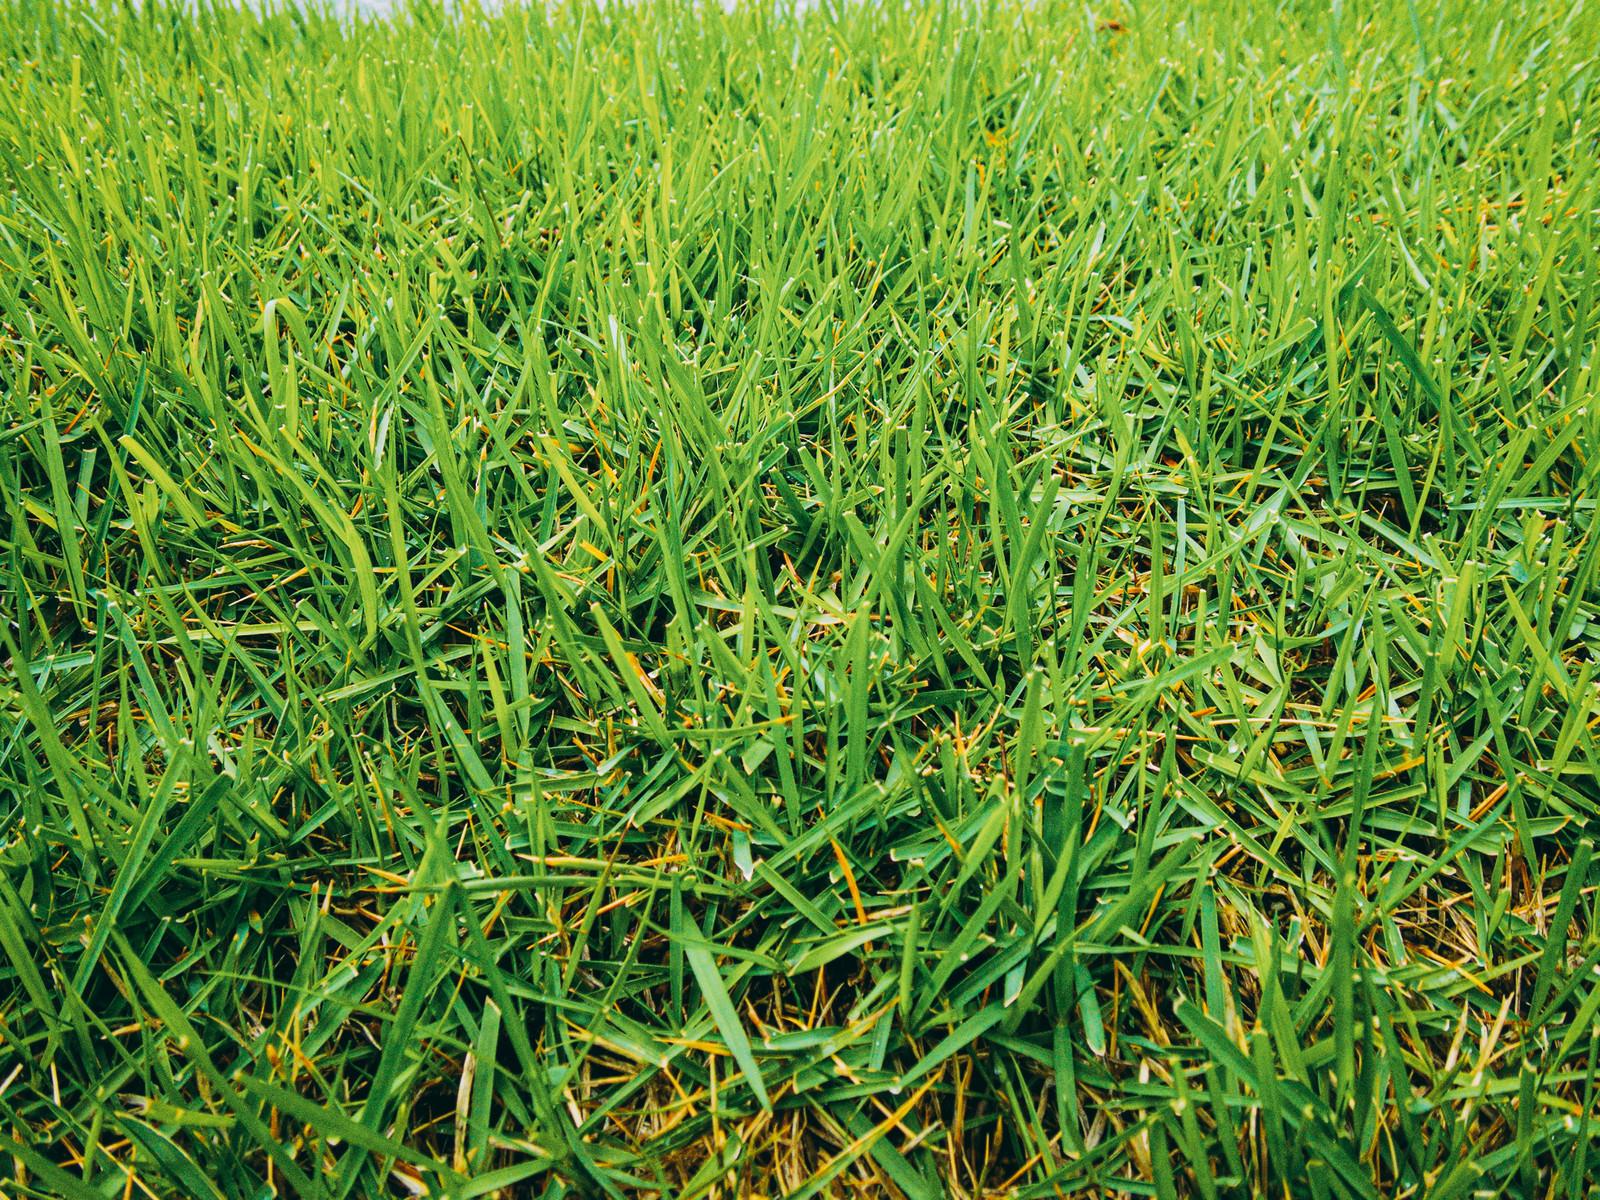 「雨が降った後の芝生」の写真